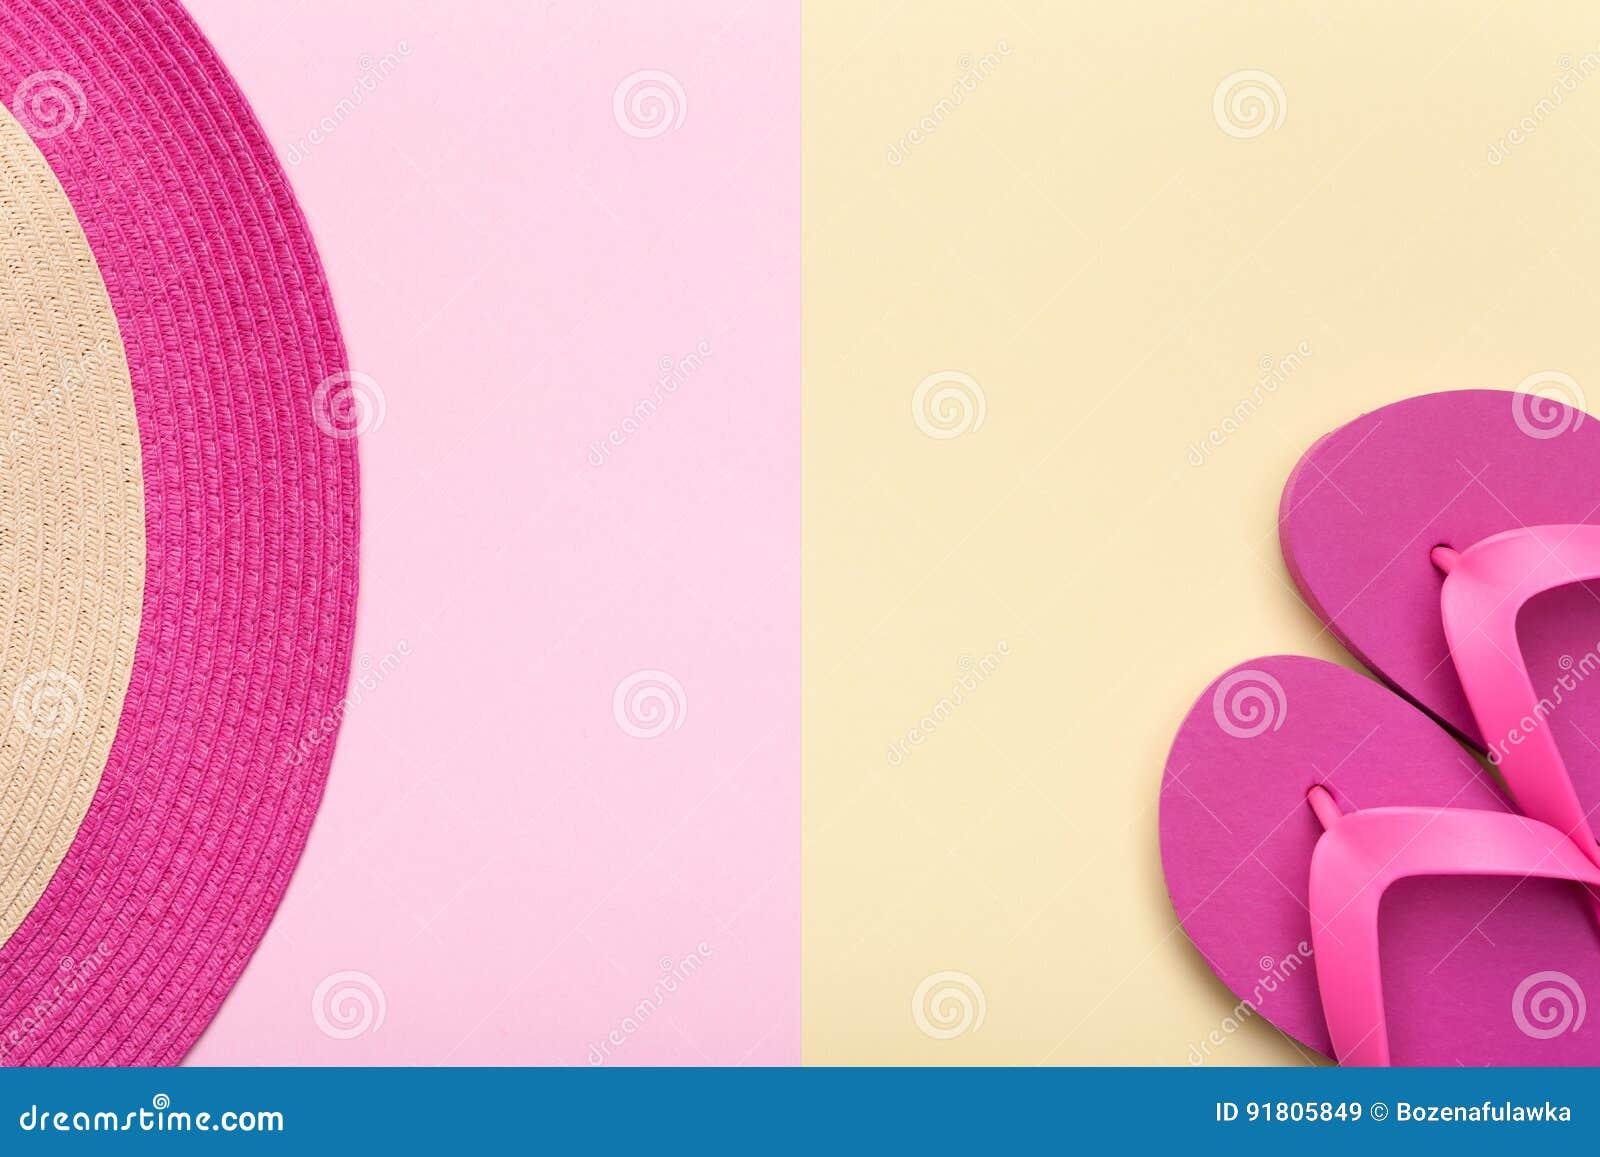 海滩帽子和触发器在淡色背景